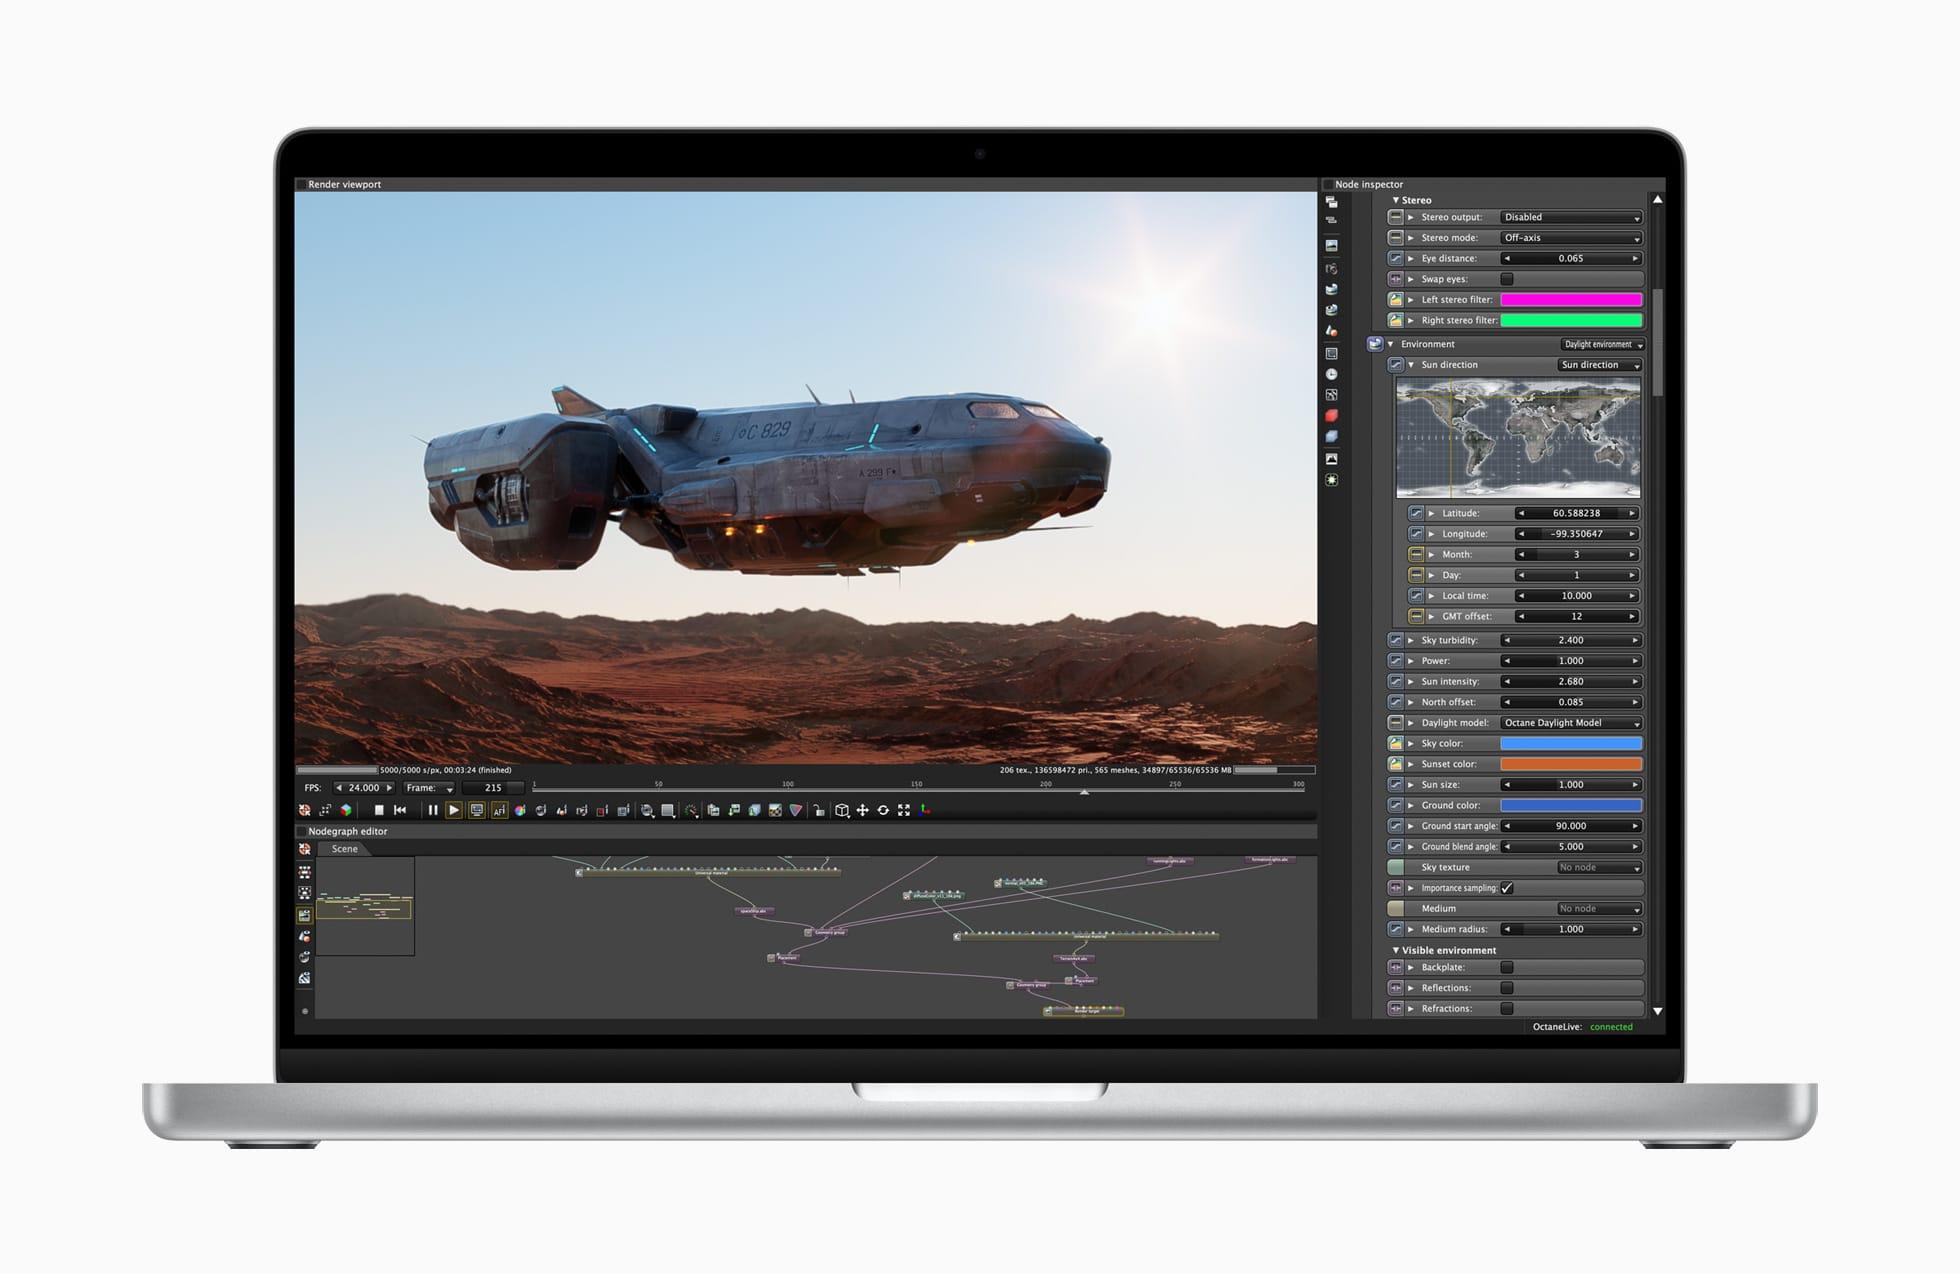 新しいMacBook Pro、アプリのフルスクリーンモードではノッチが目立たない表示に